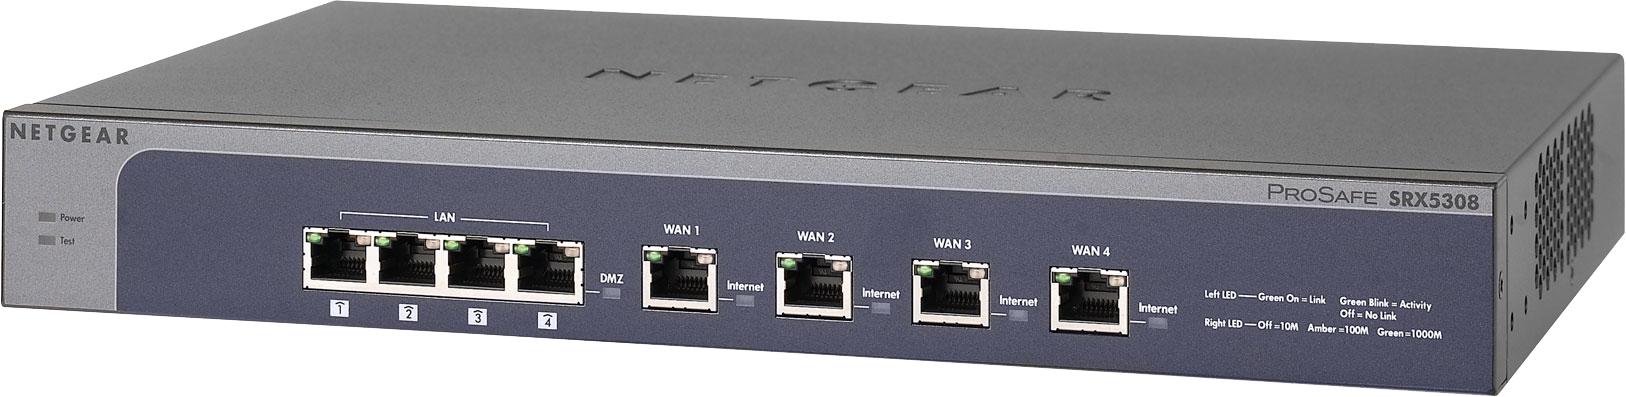 ProSafe® quad WAN gigabit SSL VPN firewall - SRX5308